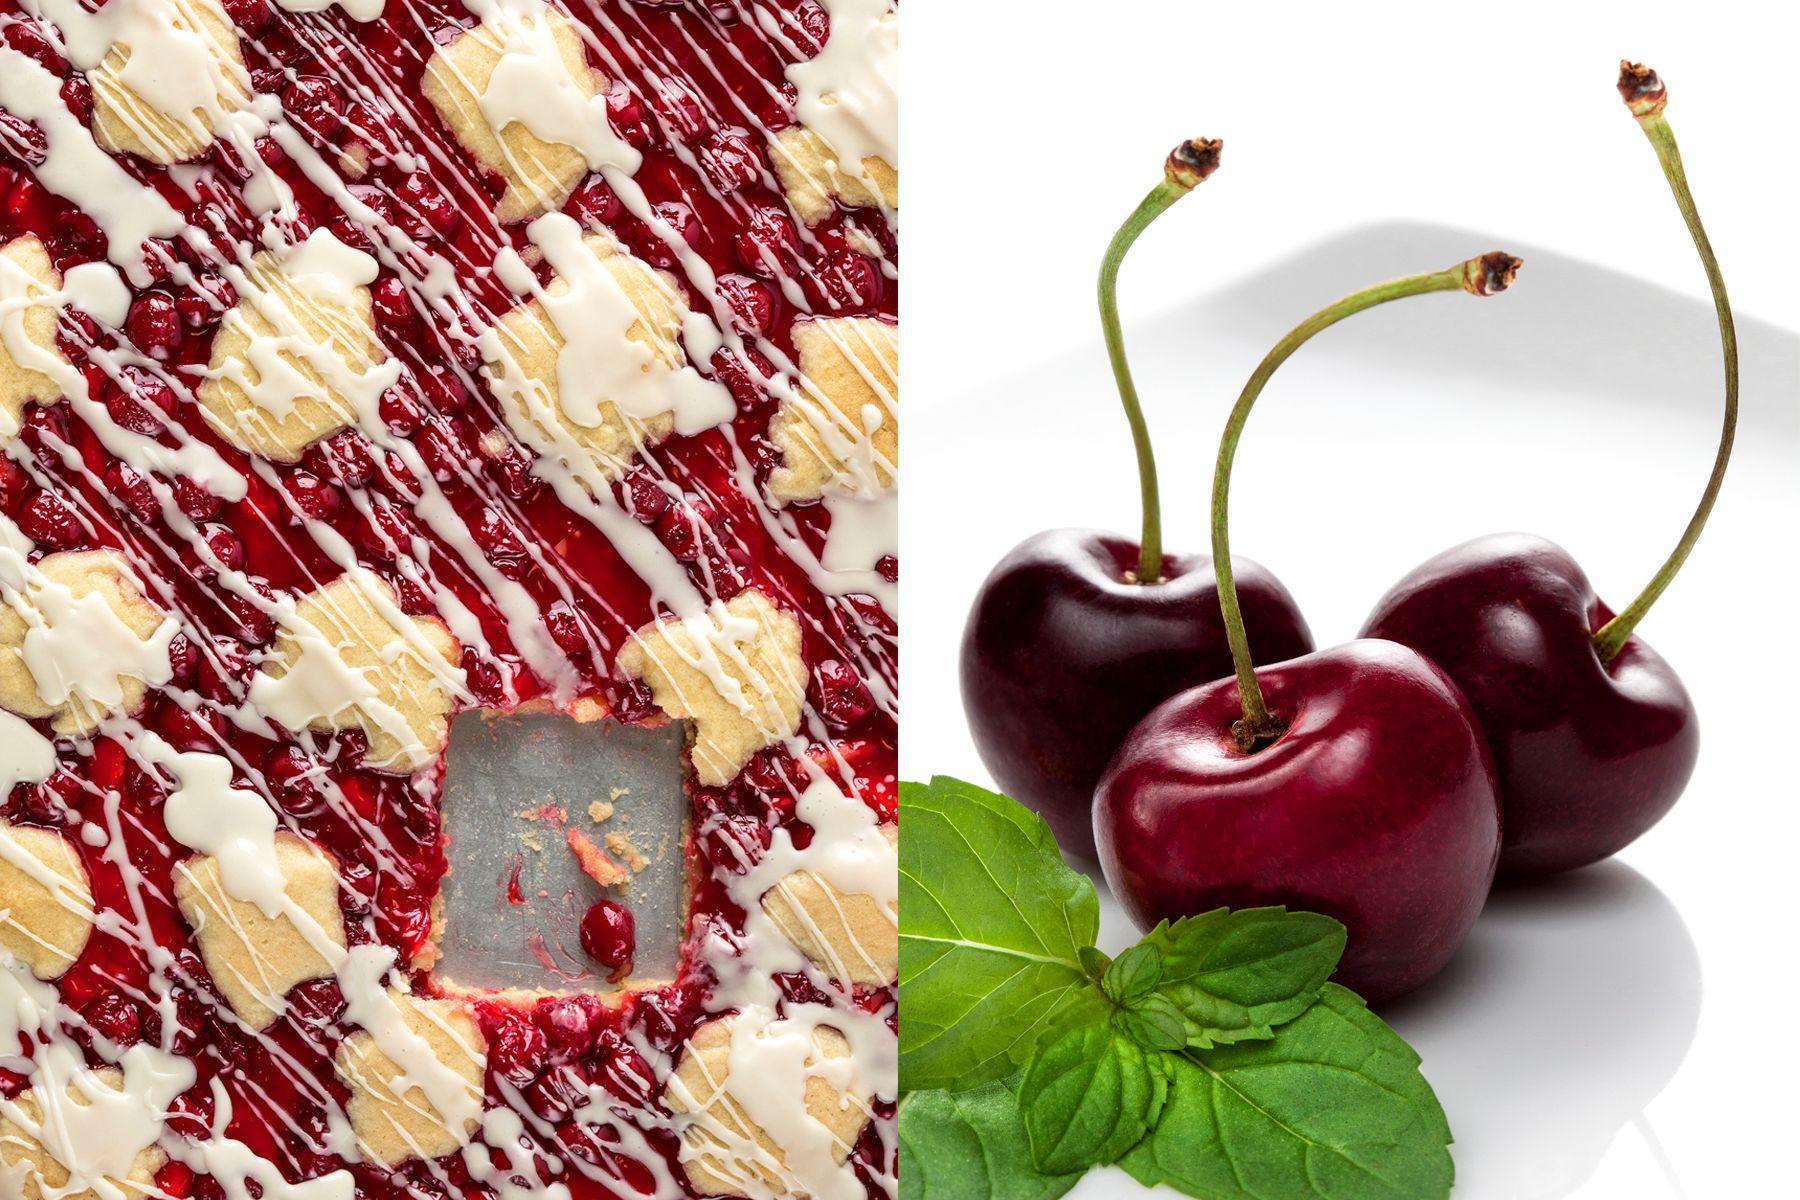 CherryBars_Cherries.jpg